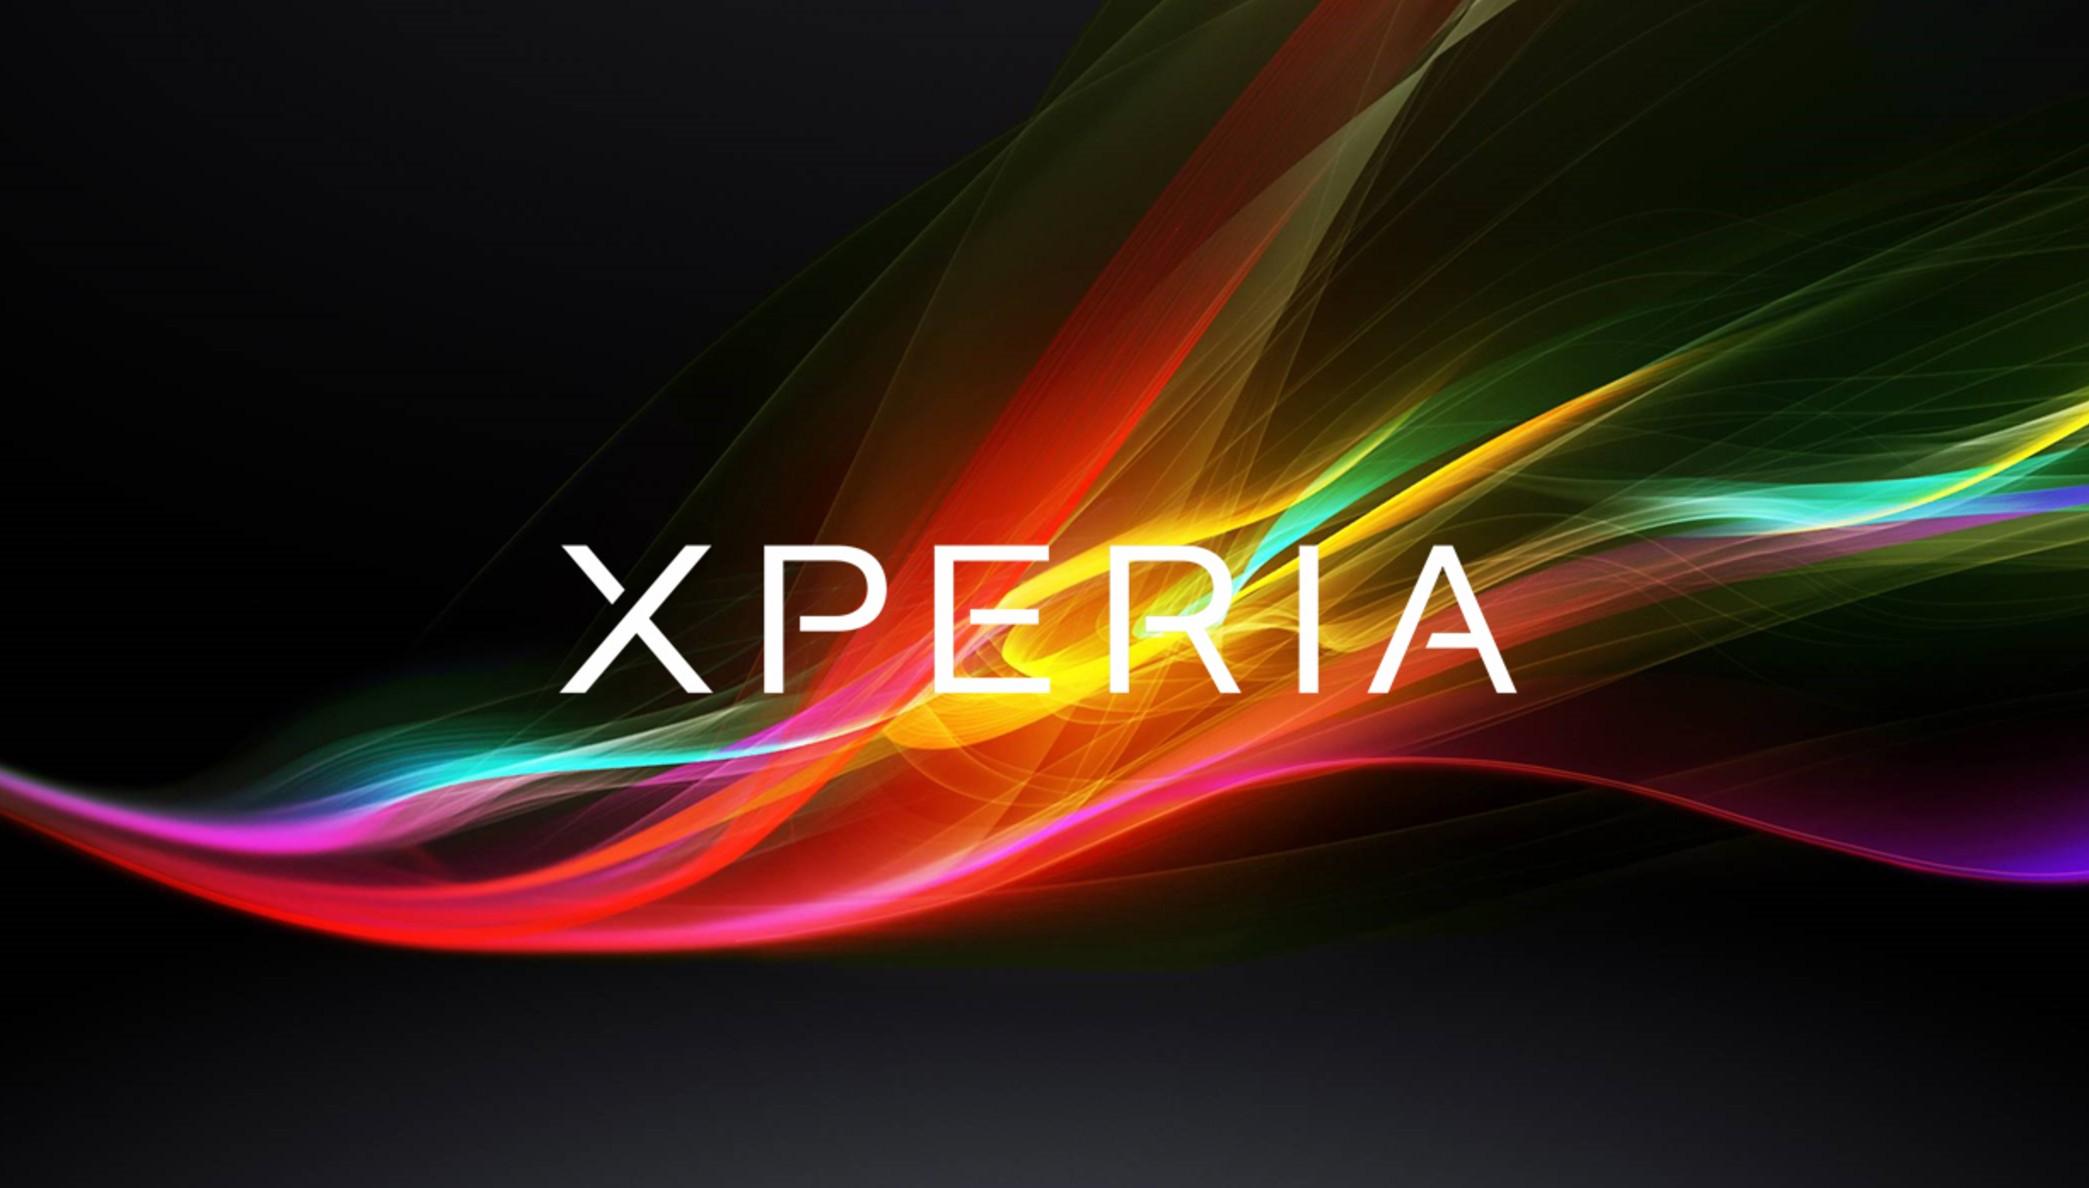 Logo Xperia